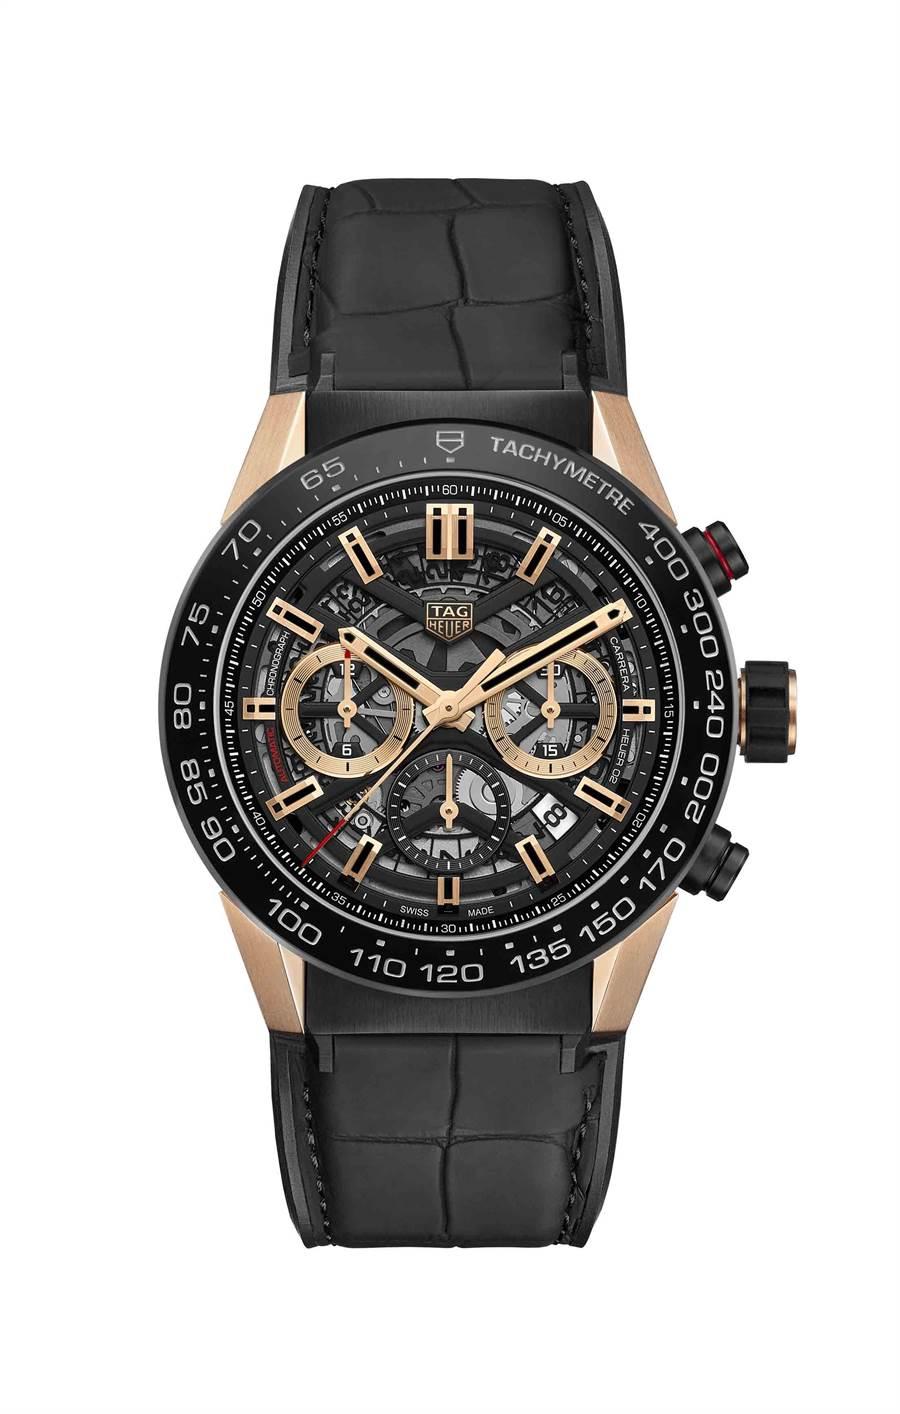 泰格豪雅Carrera Heuer 02黑PVD塗層精鋼計時腕表,玫瑰金表耳,32萬3100元。(TAG Heuer提供)